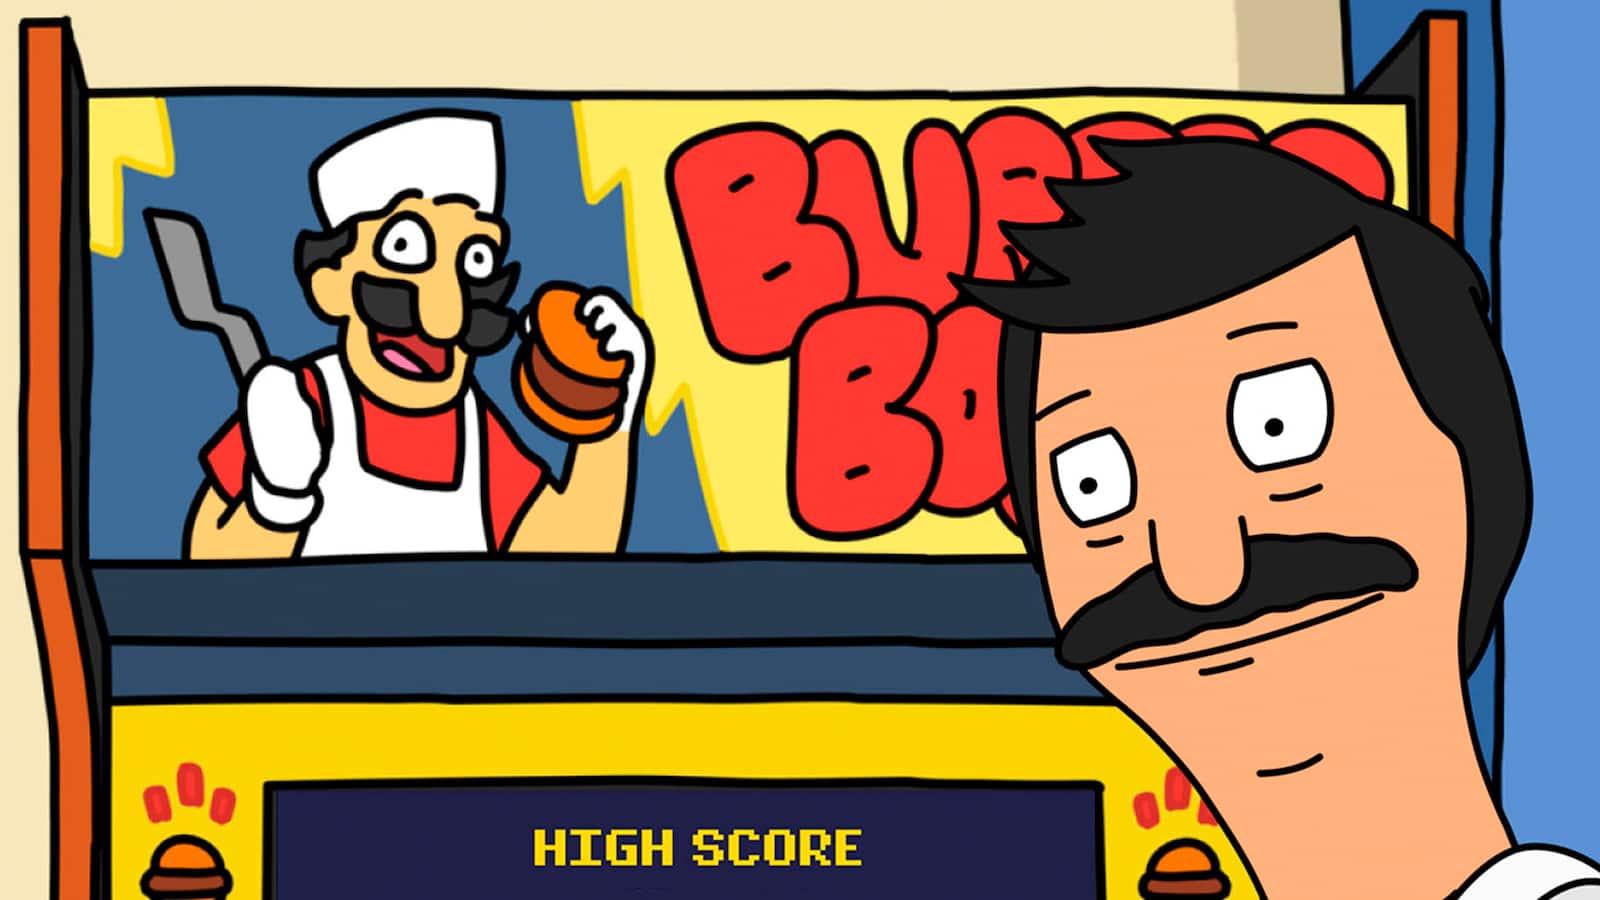 bobs-burgers/sasong-2/avsnitt-4